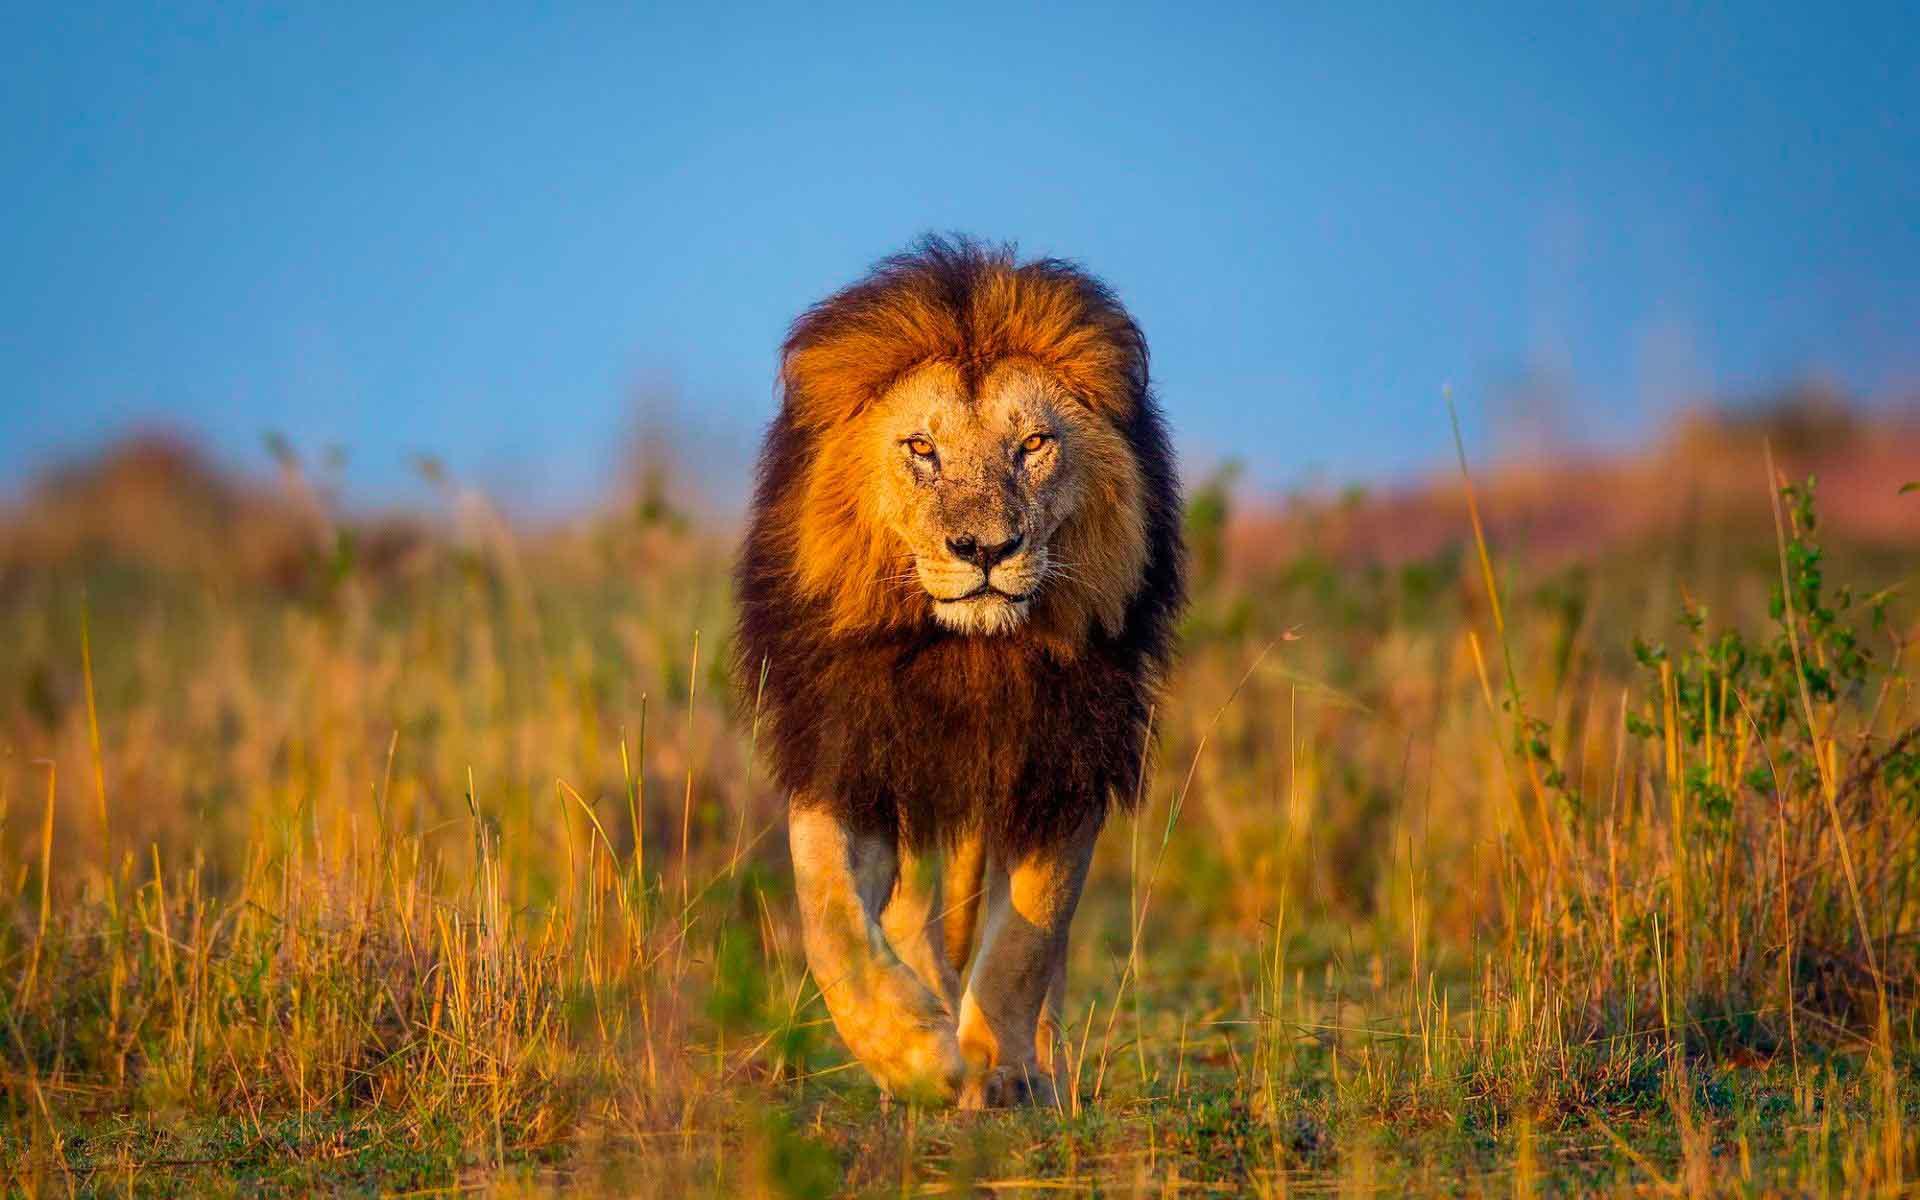 этом фото львов на рабочий стол высокого давления